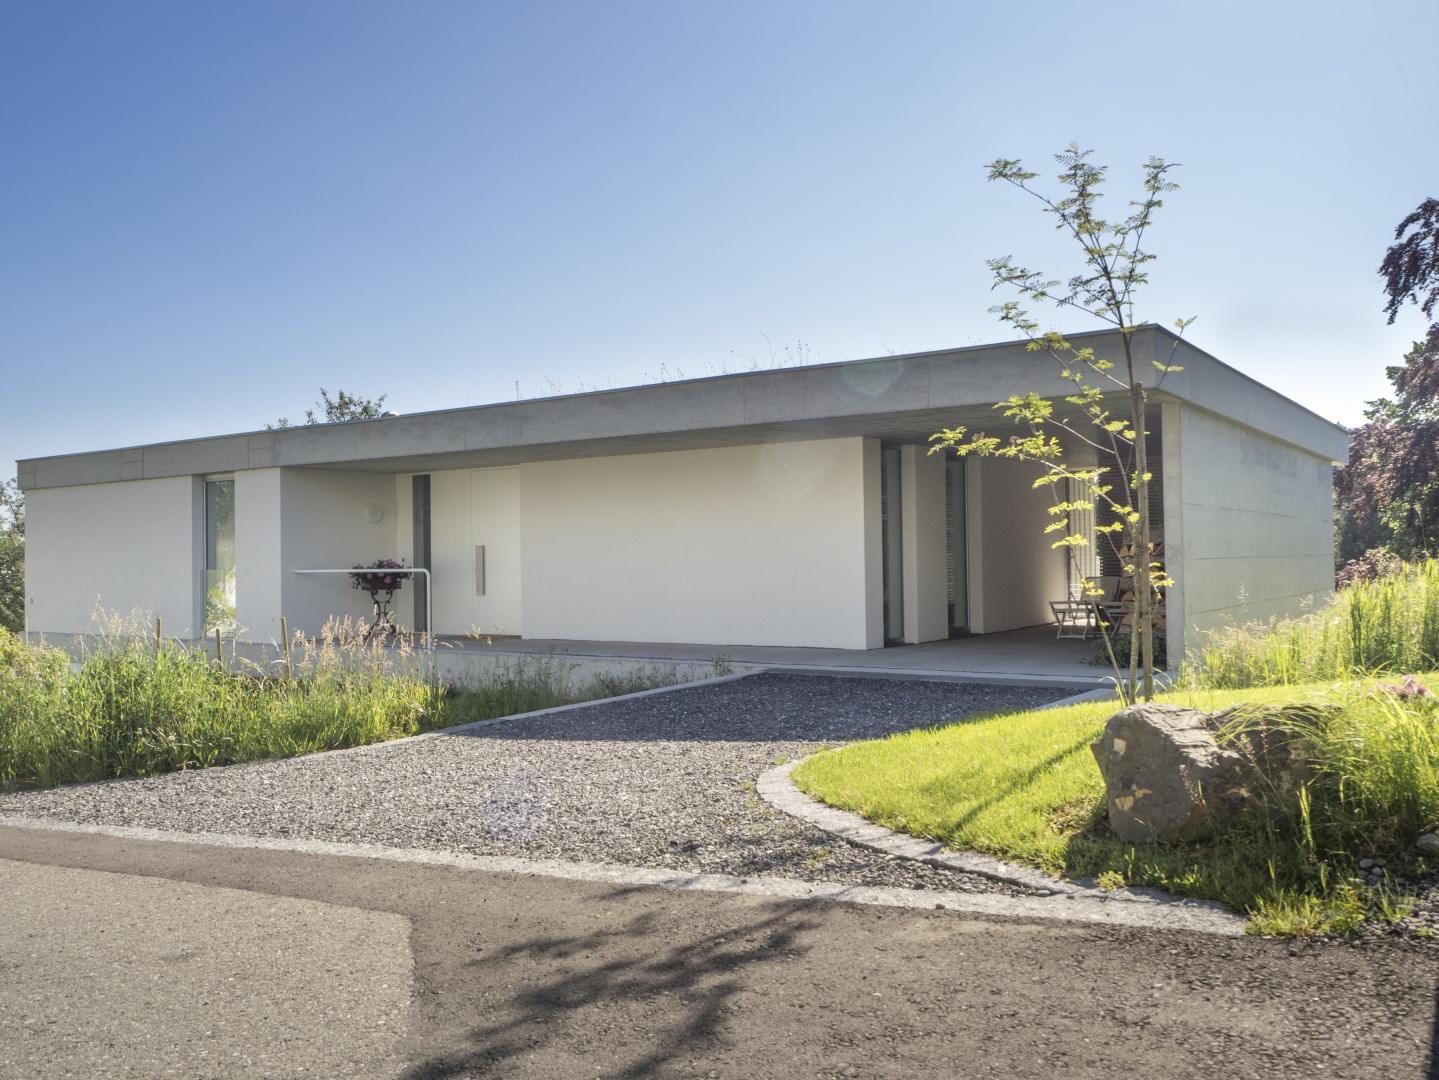 Neubau einfamilienhaus arc award for Neubau einfamilienhaus